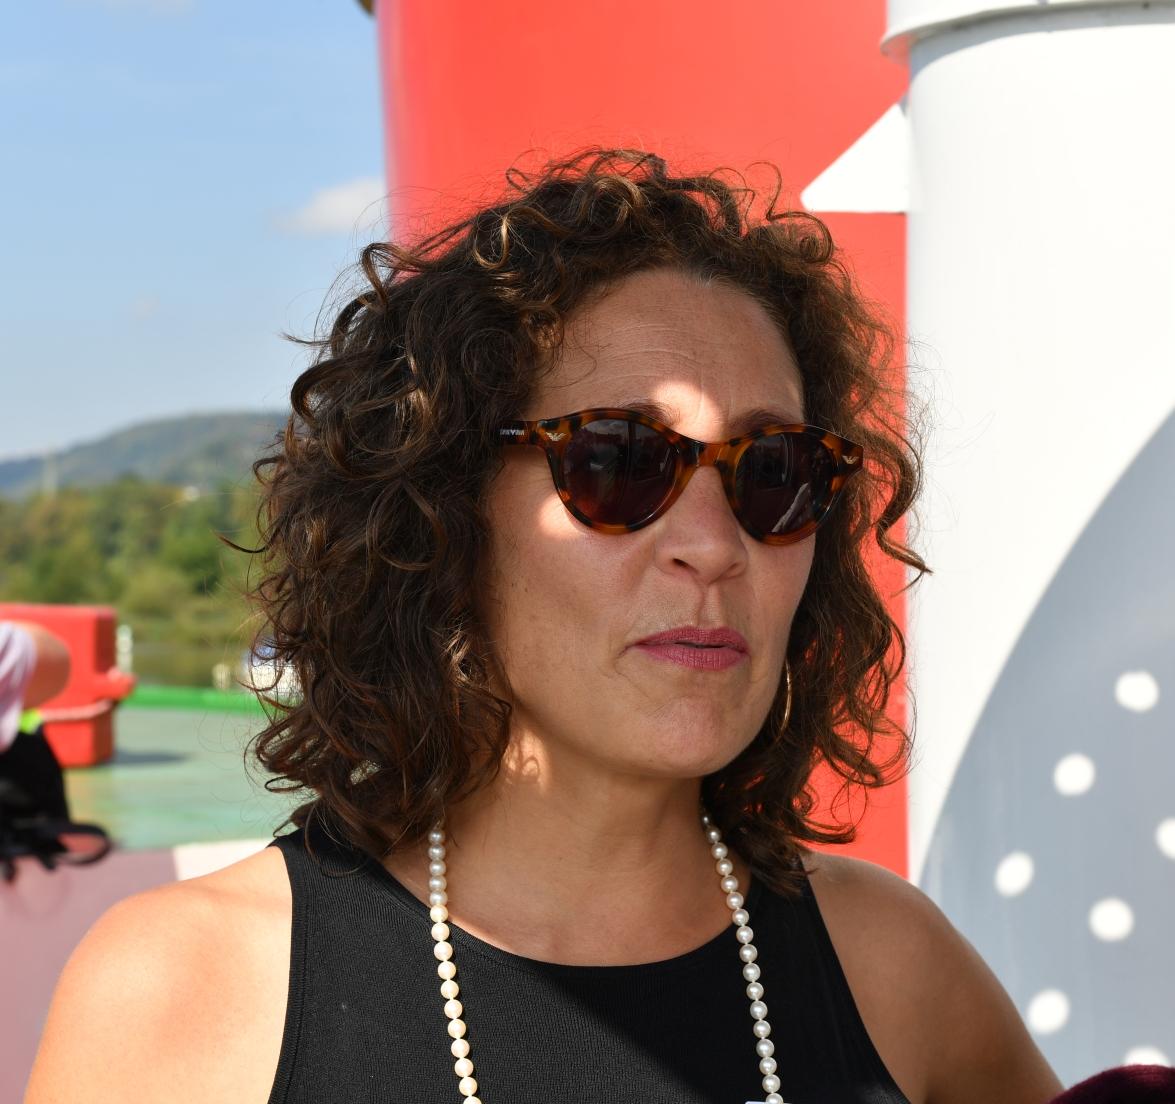 Isabel Fornaro